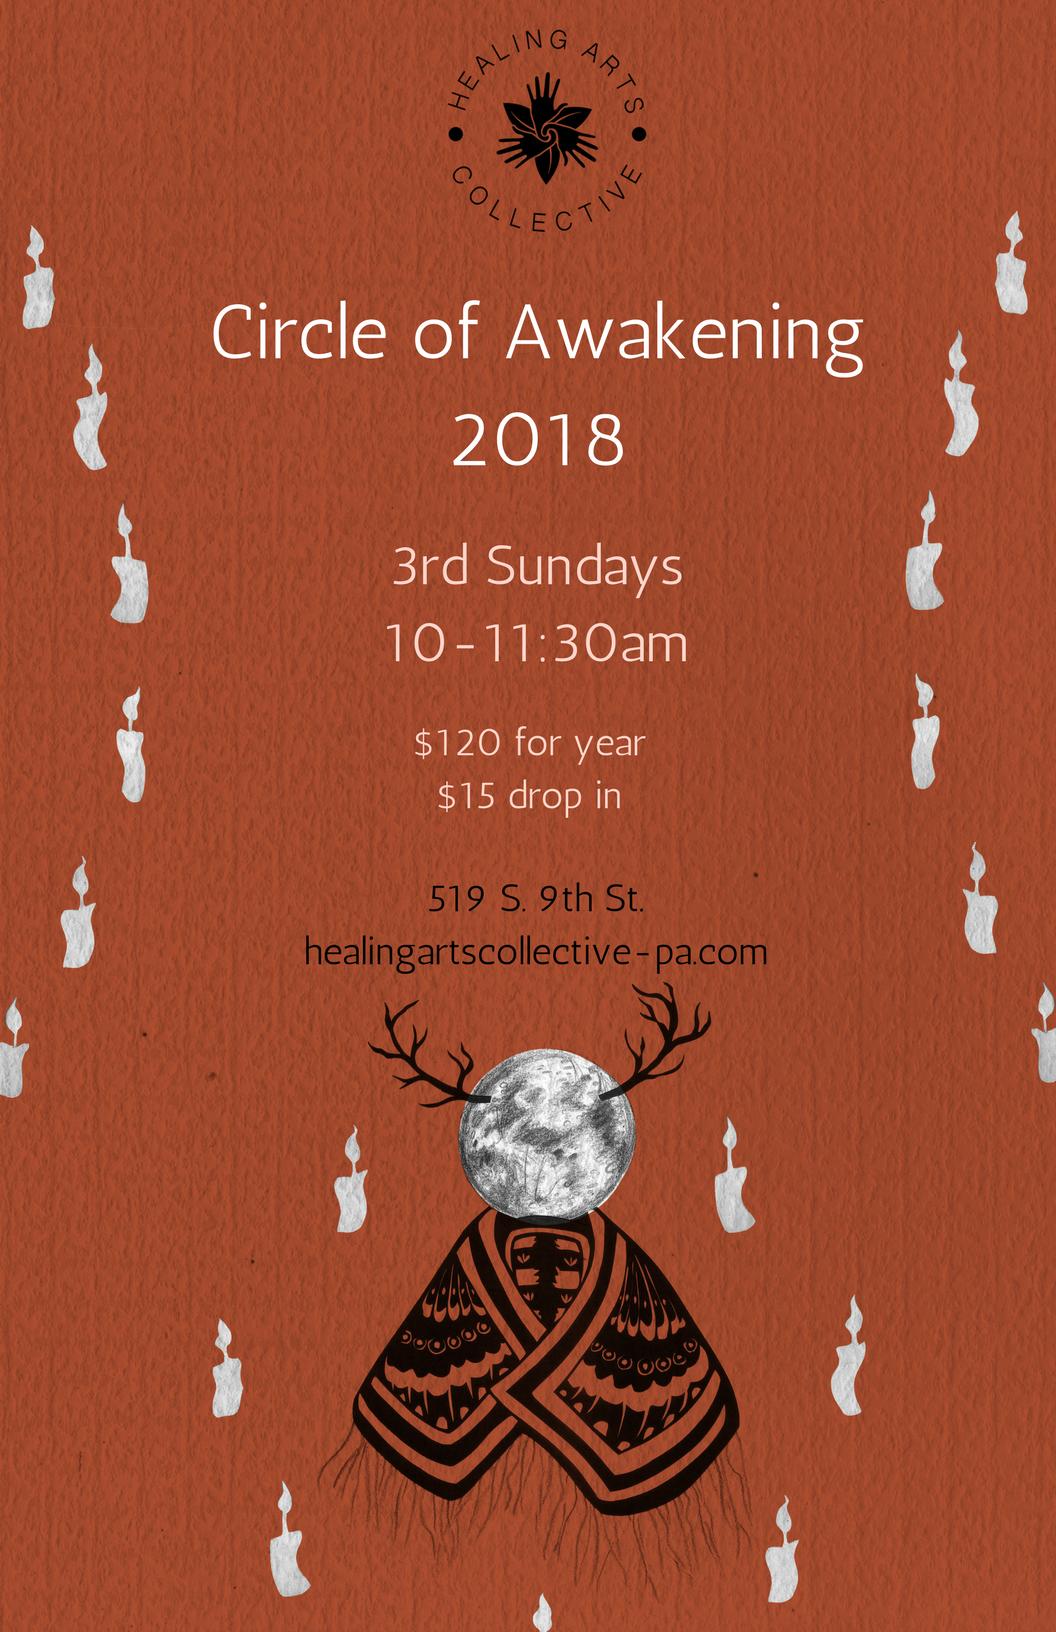 circle of awakening 2018.png